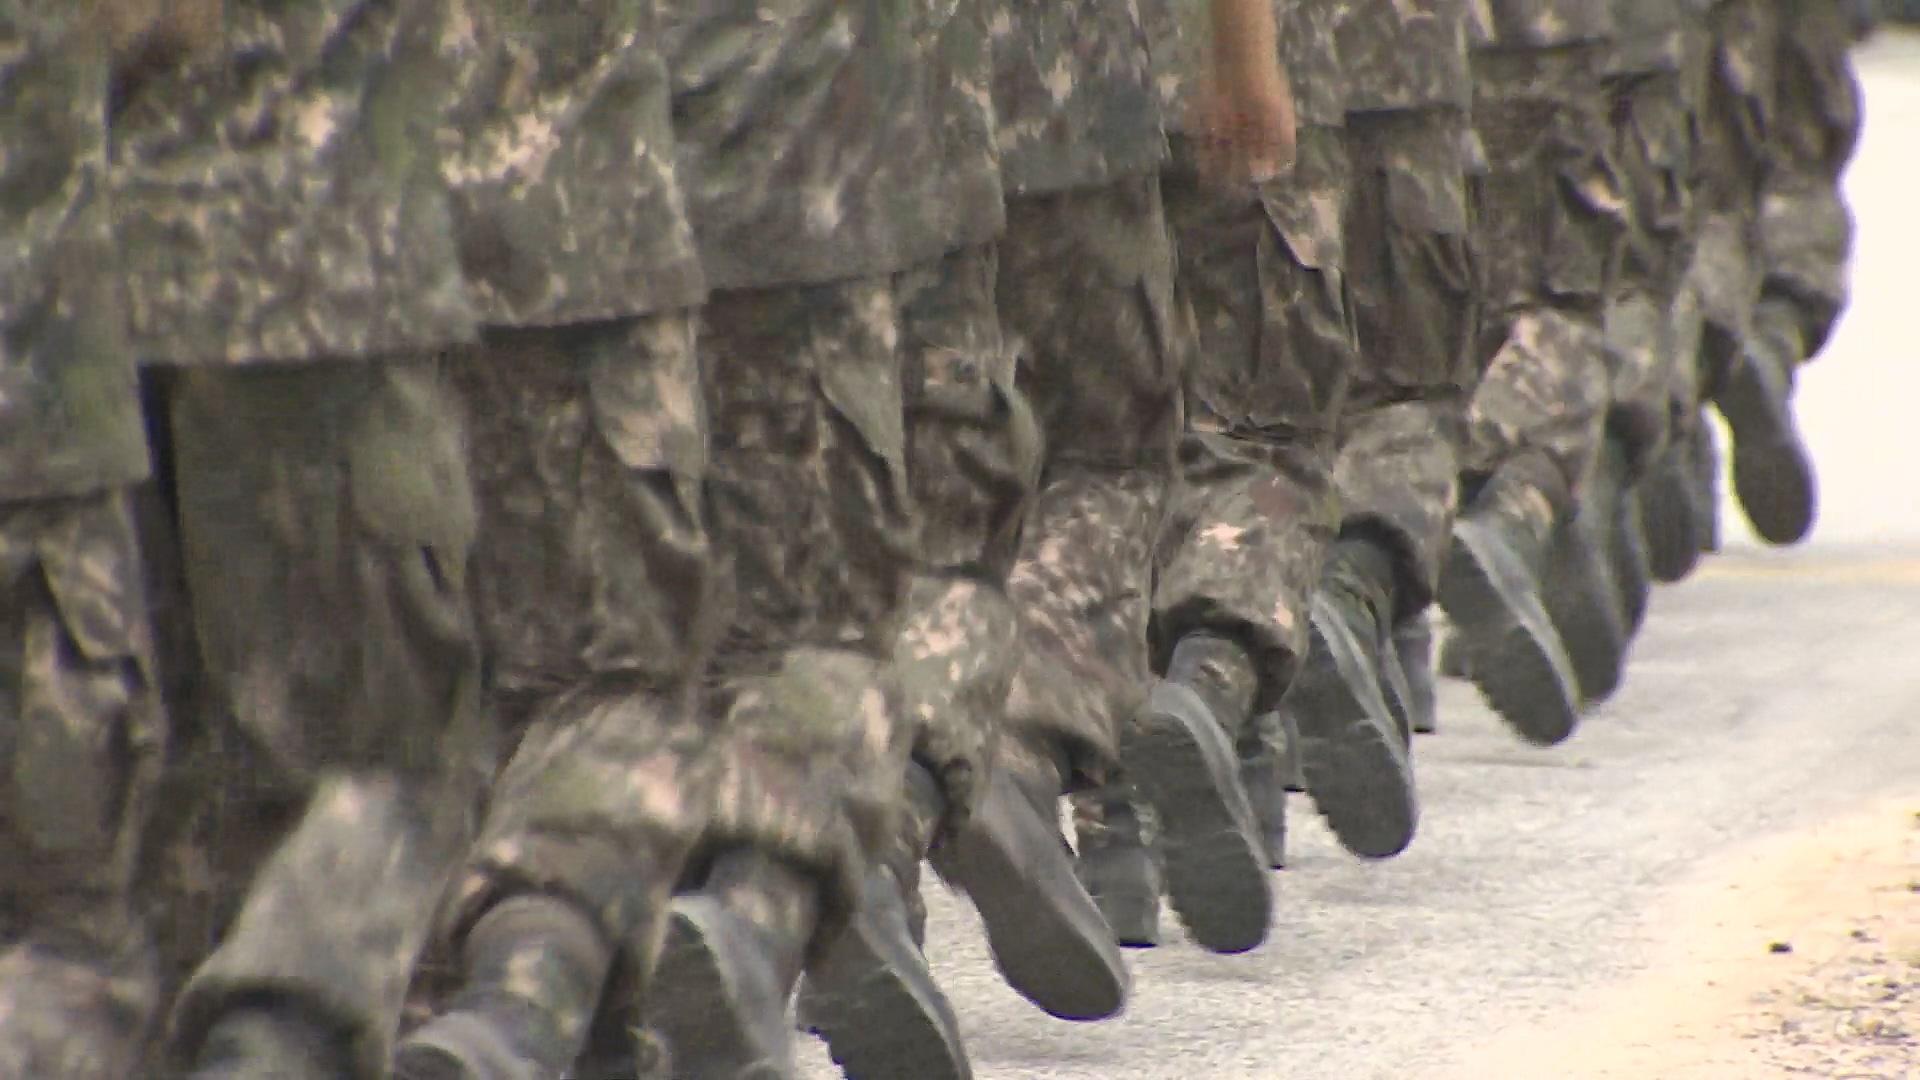 현역 육군 간부가 10대 여학생과 여러 차례 성매매를 한 혐의로 경찰에 붙잡혔다. [연합뉴스]